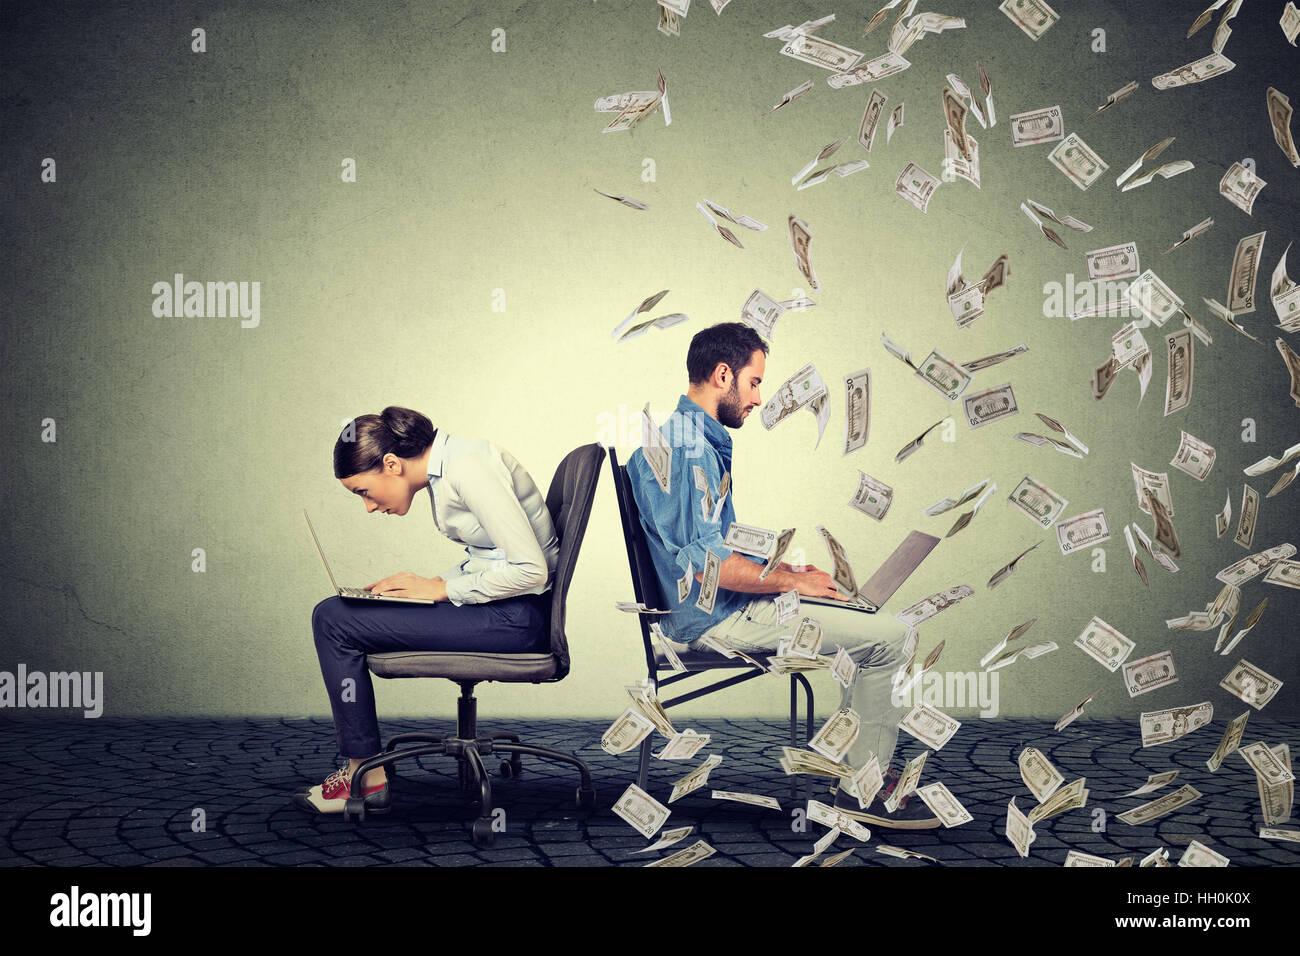 Arbeitnehmer Entschädigung Wirtschaft Konzept. Frau am Laptop sitzt neben junger Mann unter Geld Regen arbeiten. Stockfoto